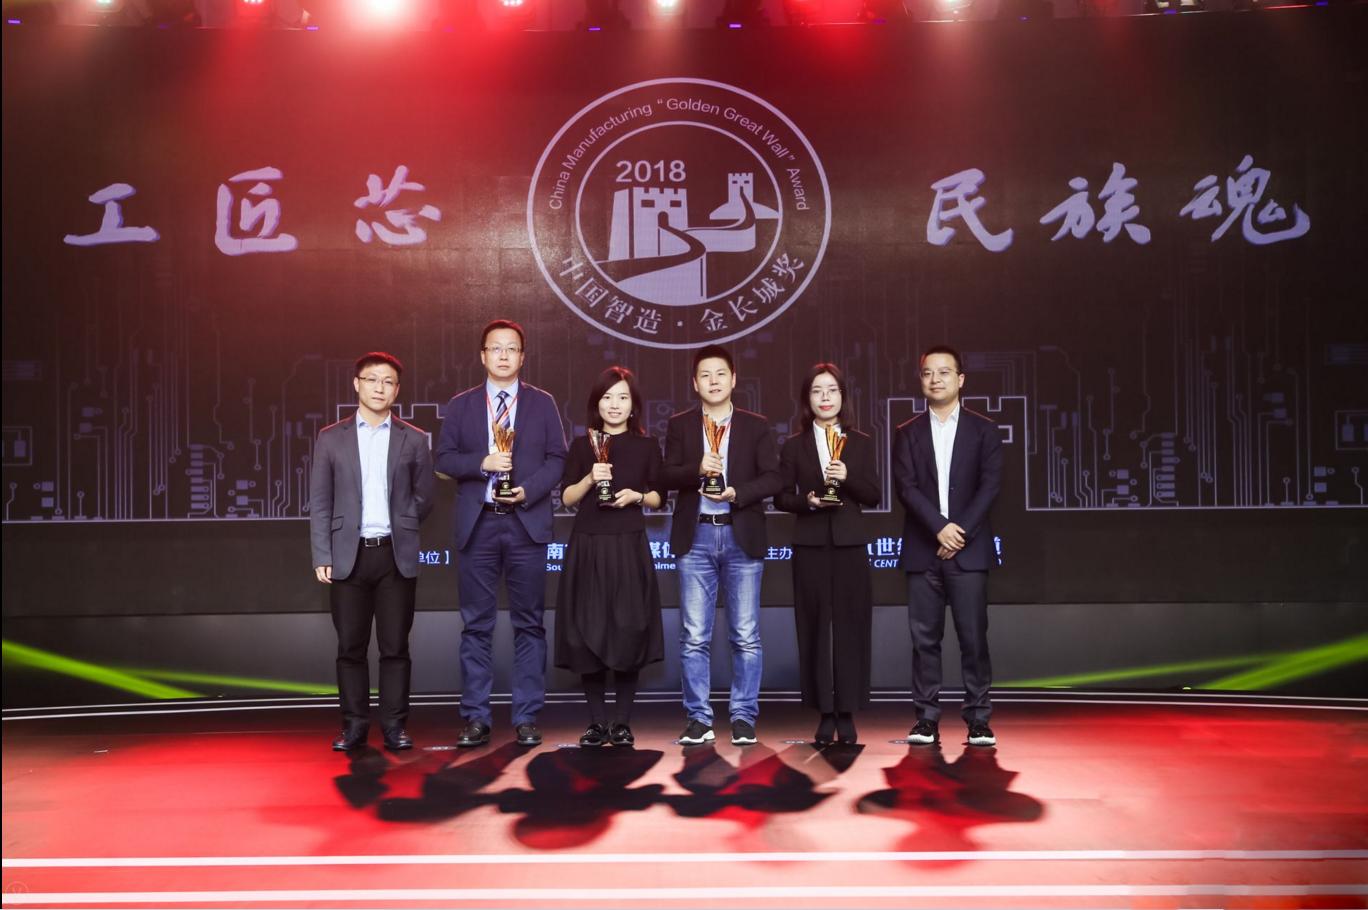 老板电器中央吸油烟机荣膺『金长城奖』,匠心标杆领跑行业